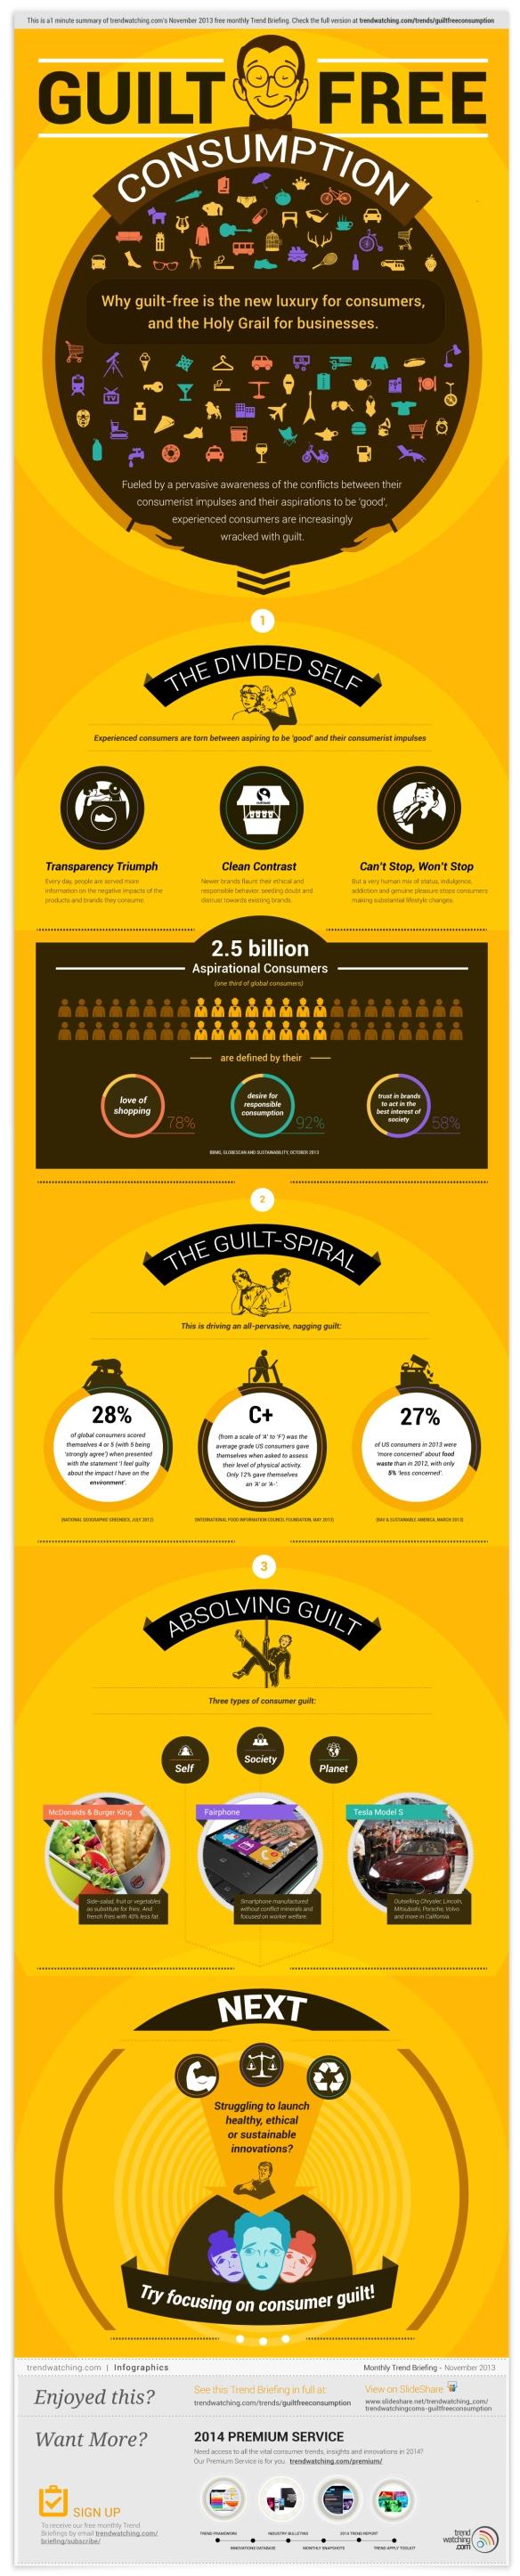 2013-11-guiltfreeconsumption-infographic